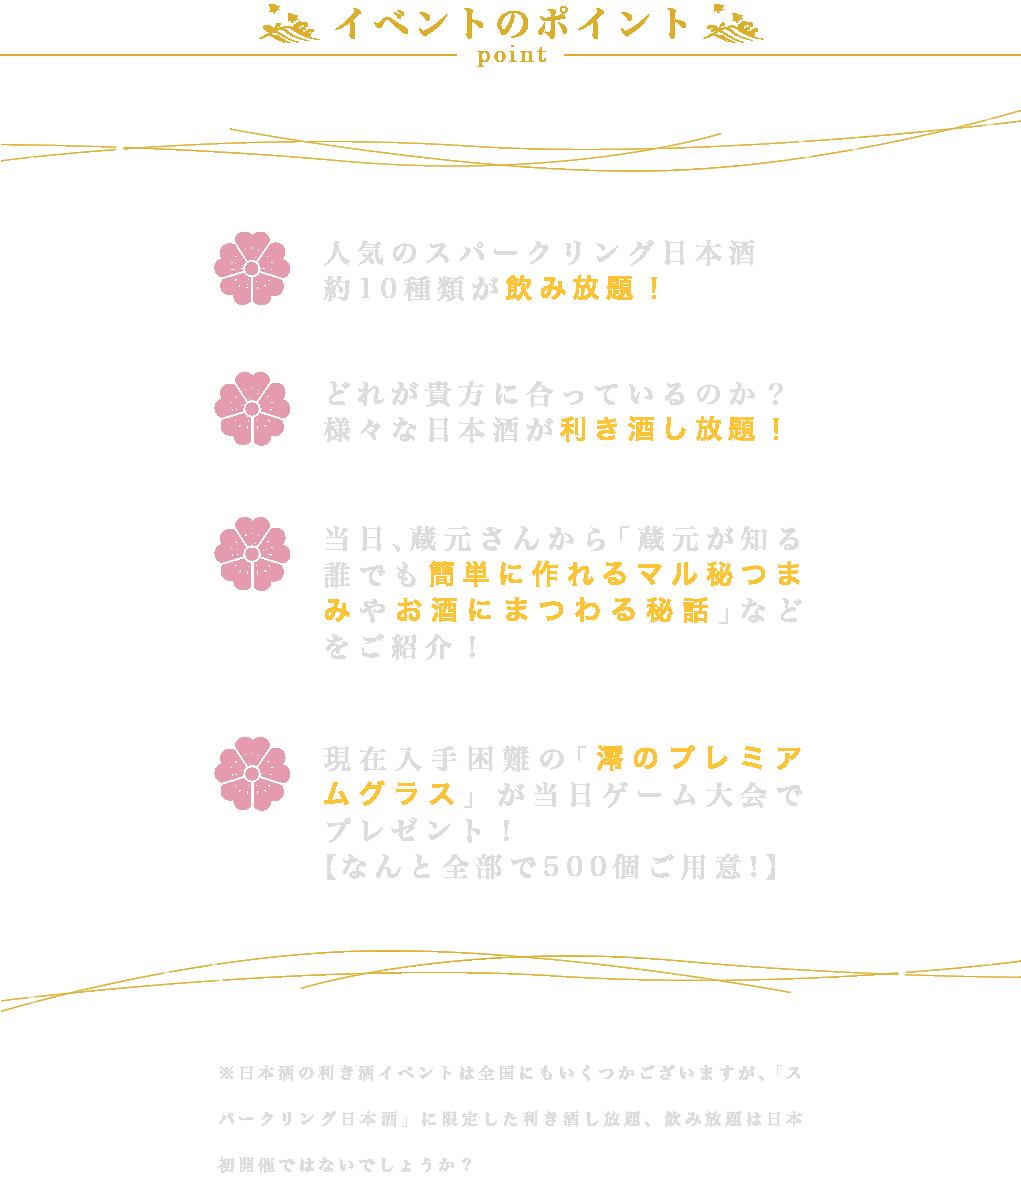 イベントのポイント ・人気のスパークリング日本酒が約10種類が飲み放題! ・どの日本酒が貴方に合っているのか利き酒し放題! ・当日、蔵元さんから「蔵元が知る誰でも簡単に作れるマル秘つまみやお酒にまつわる秘話」などをご紹介! ・現在入手困難の「澪のプレミアムグラス」が当日ゲーム大会でプレゼント!【なんと全部で500個ご用意!】                         ※日本酒の利き酒イベントは全国にもいくつかございますが、「スパークリング日本酒」に限定した利き酒し放題、飲み放題は日本初開催ではないでしょうか?